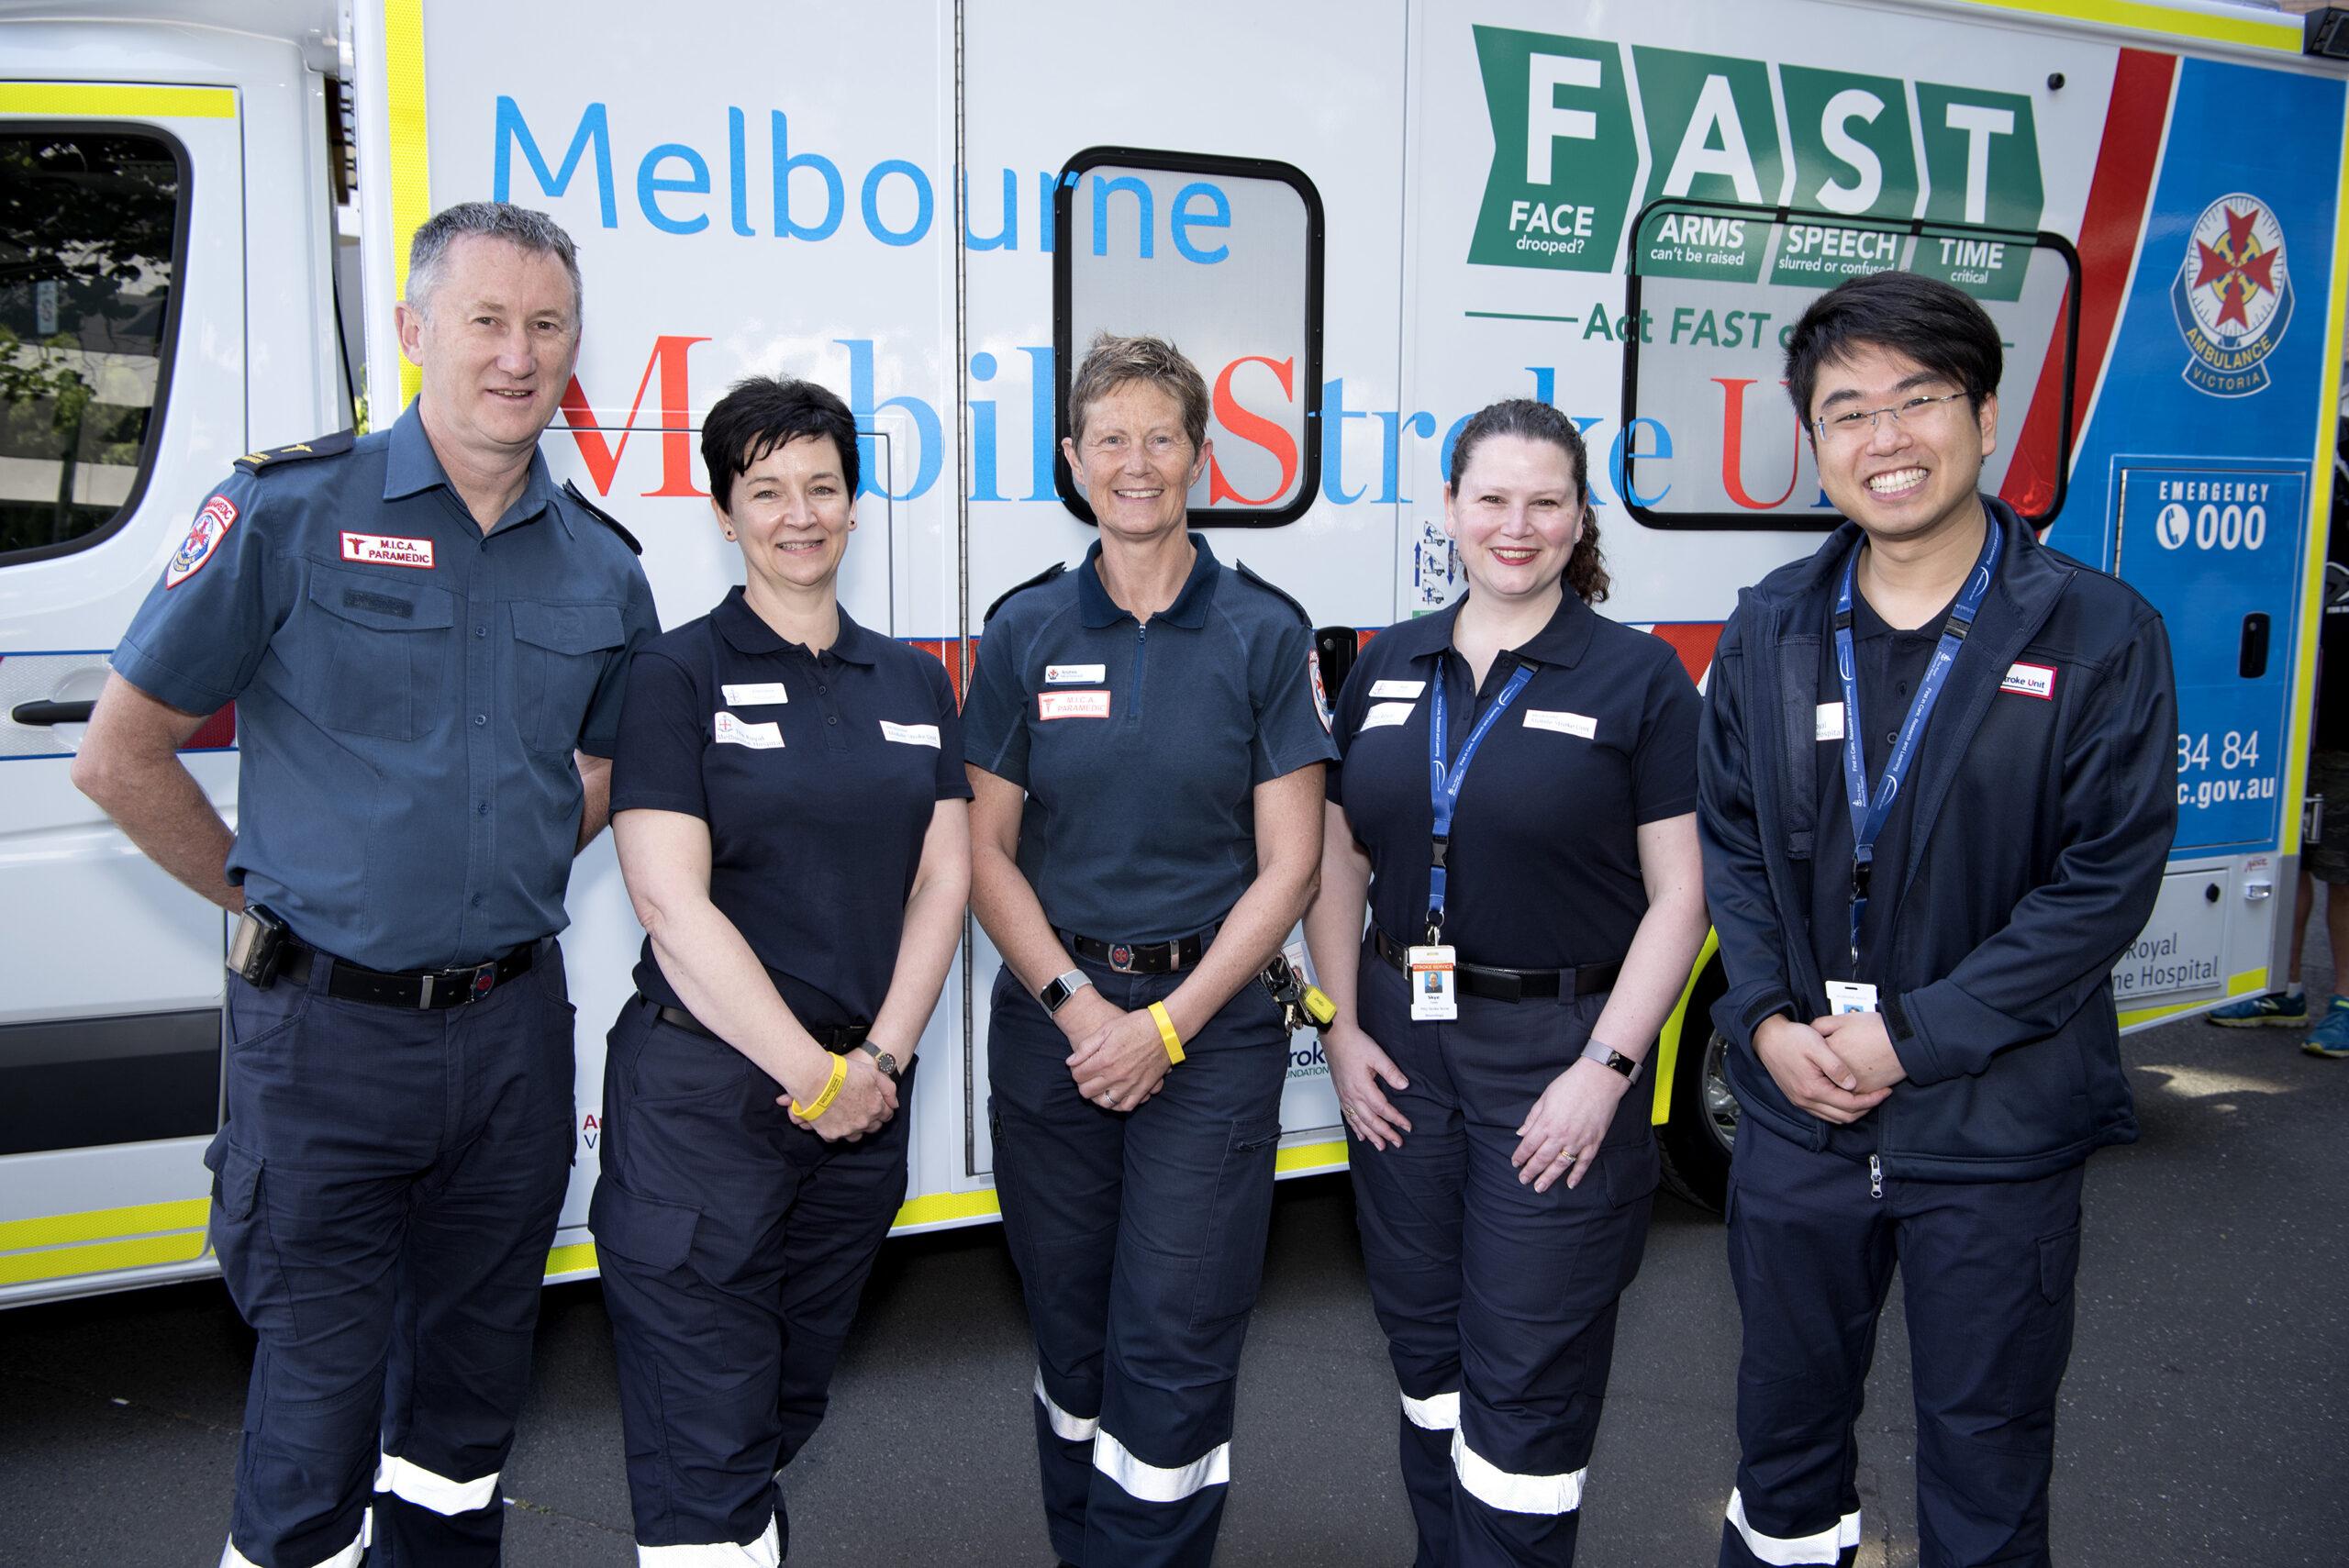 MSU stroke personnel